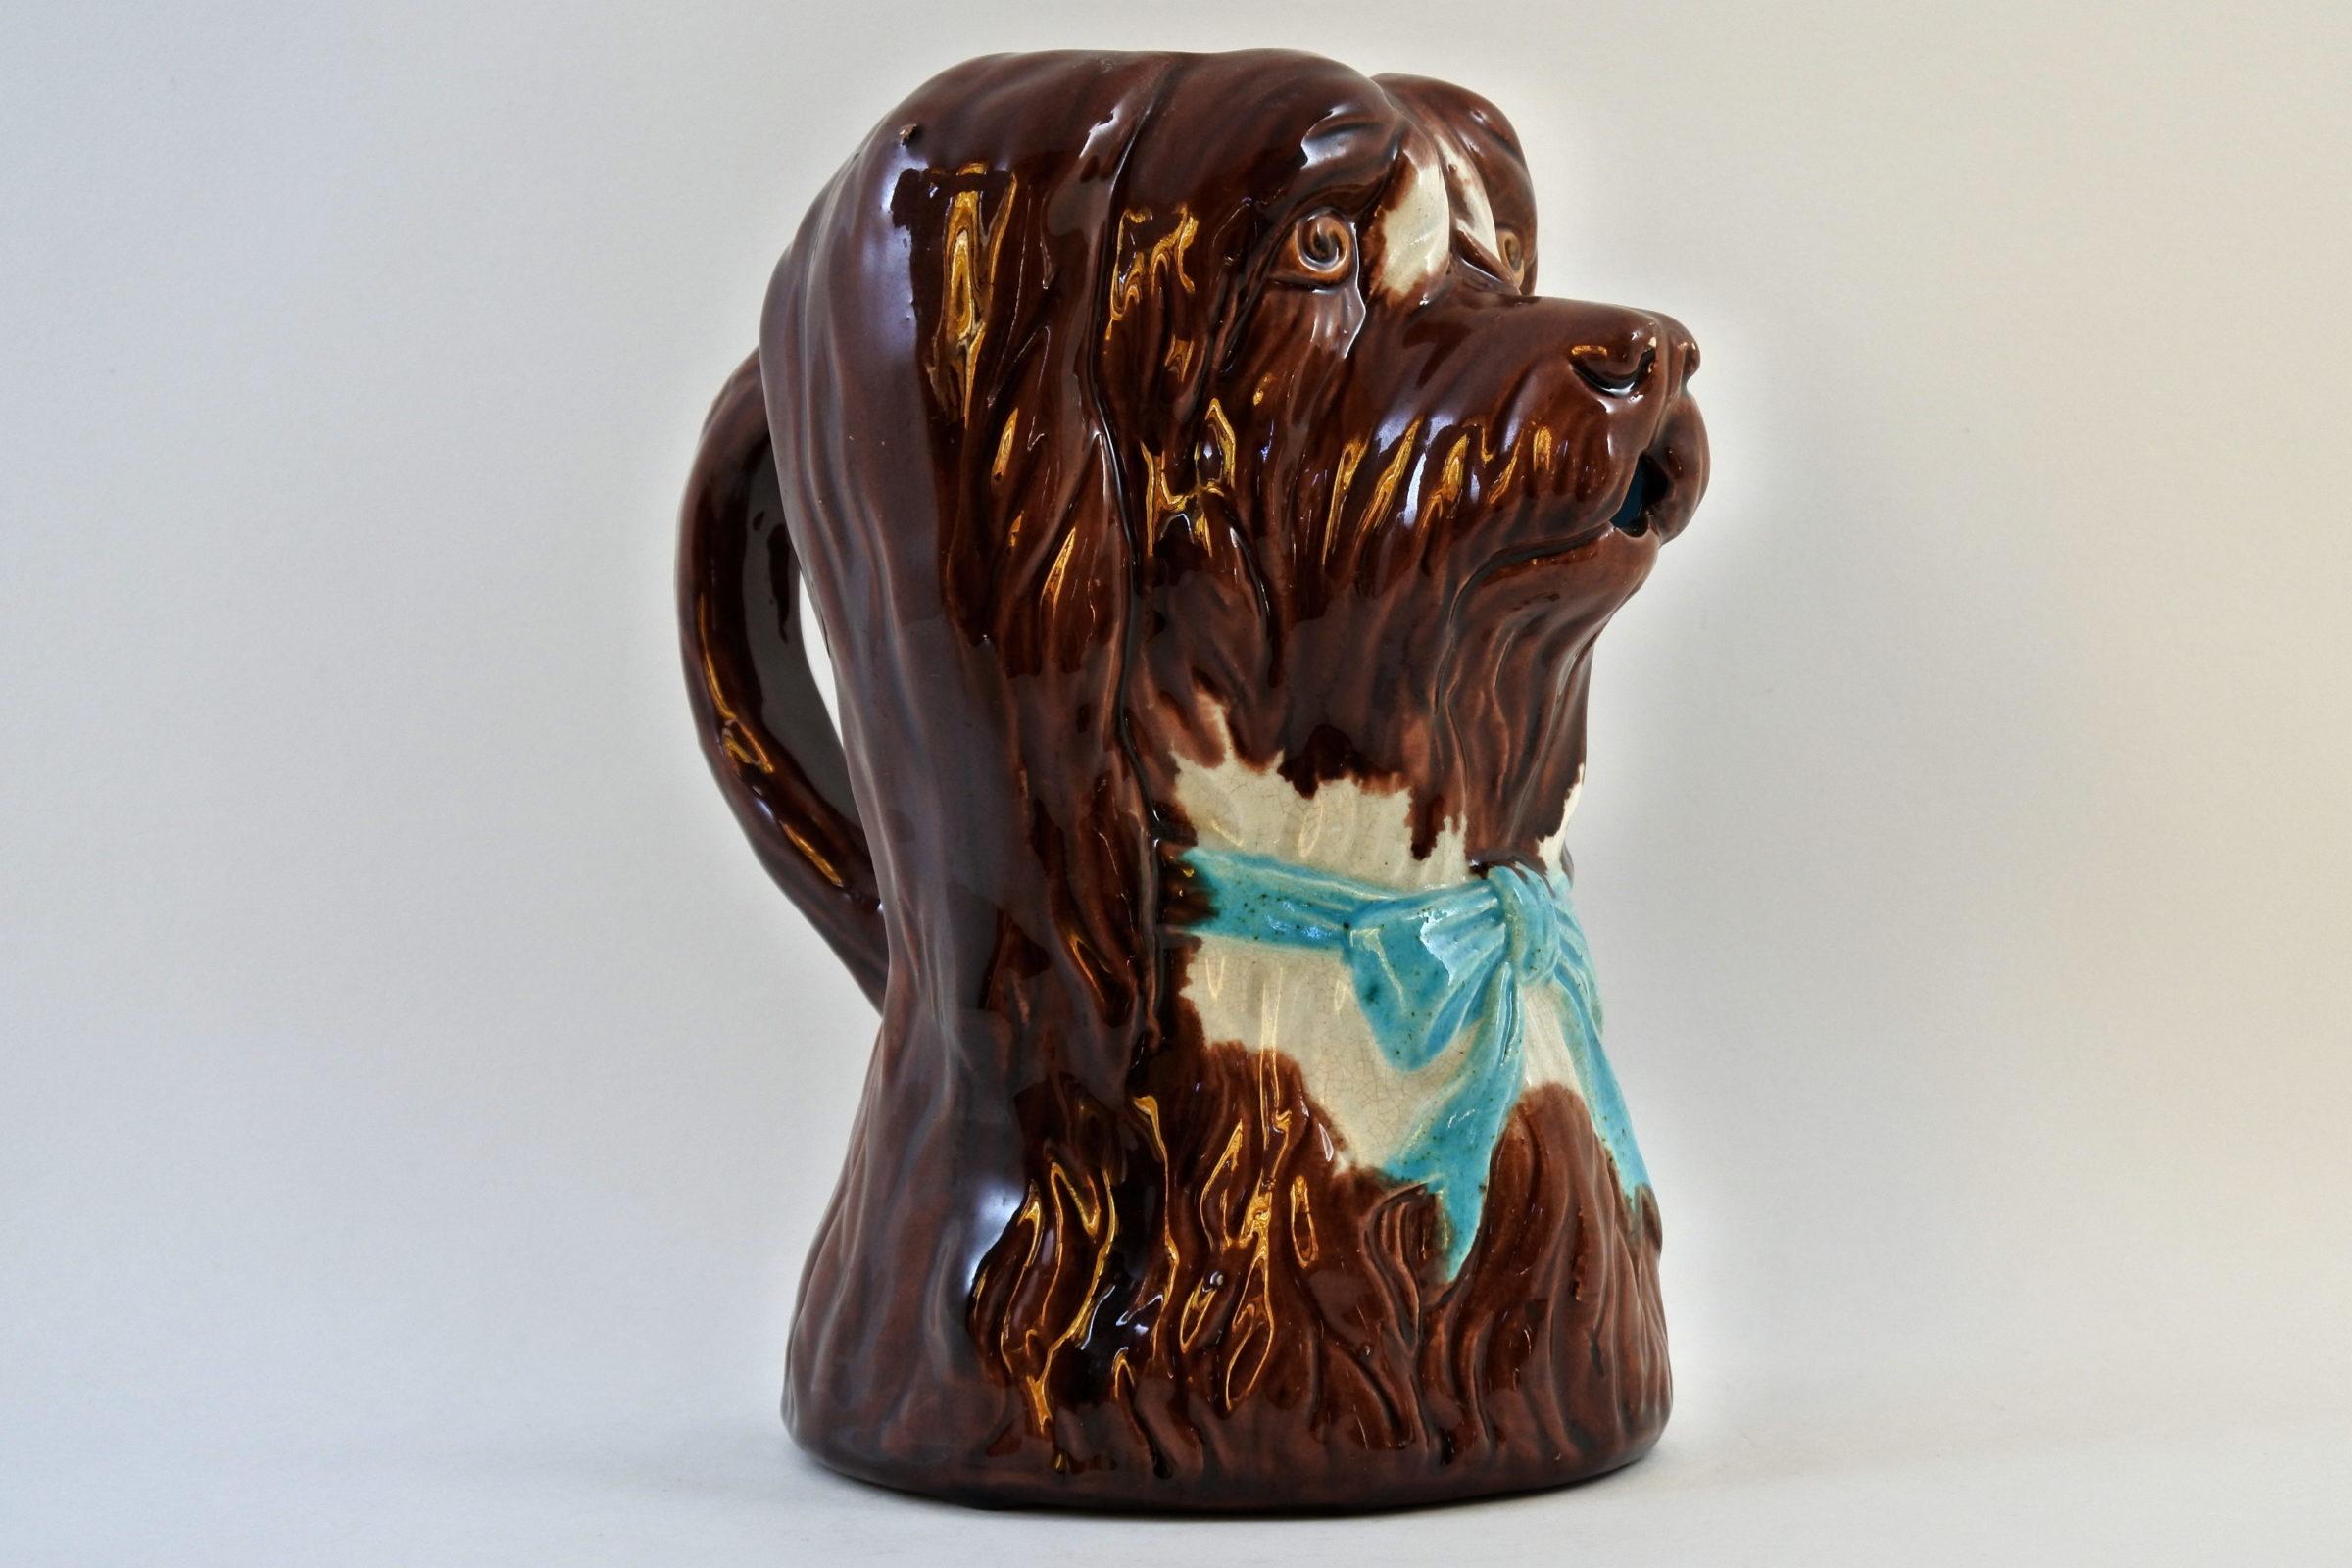 Brocca in ceramica barbotine a forma di cane con fiocco azzurro - 4